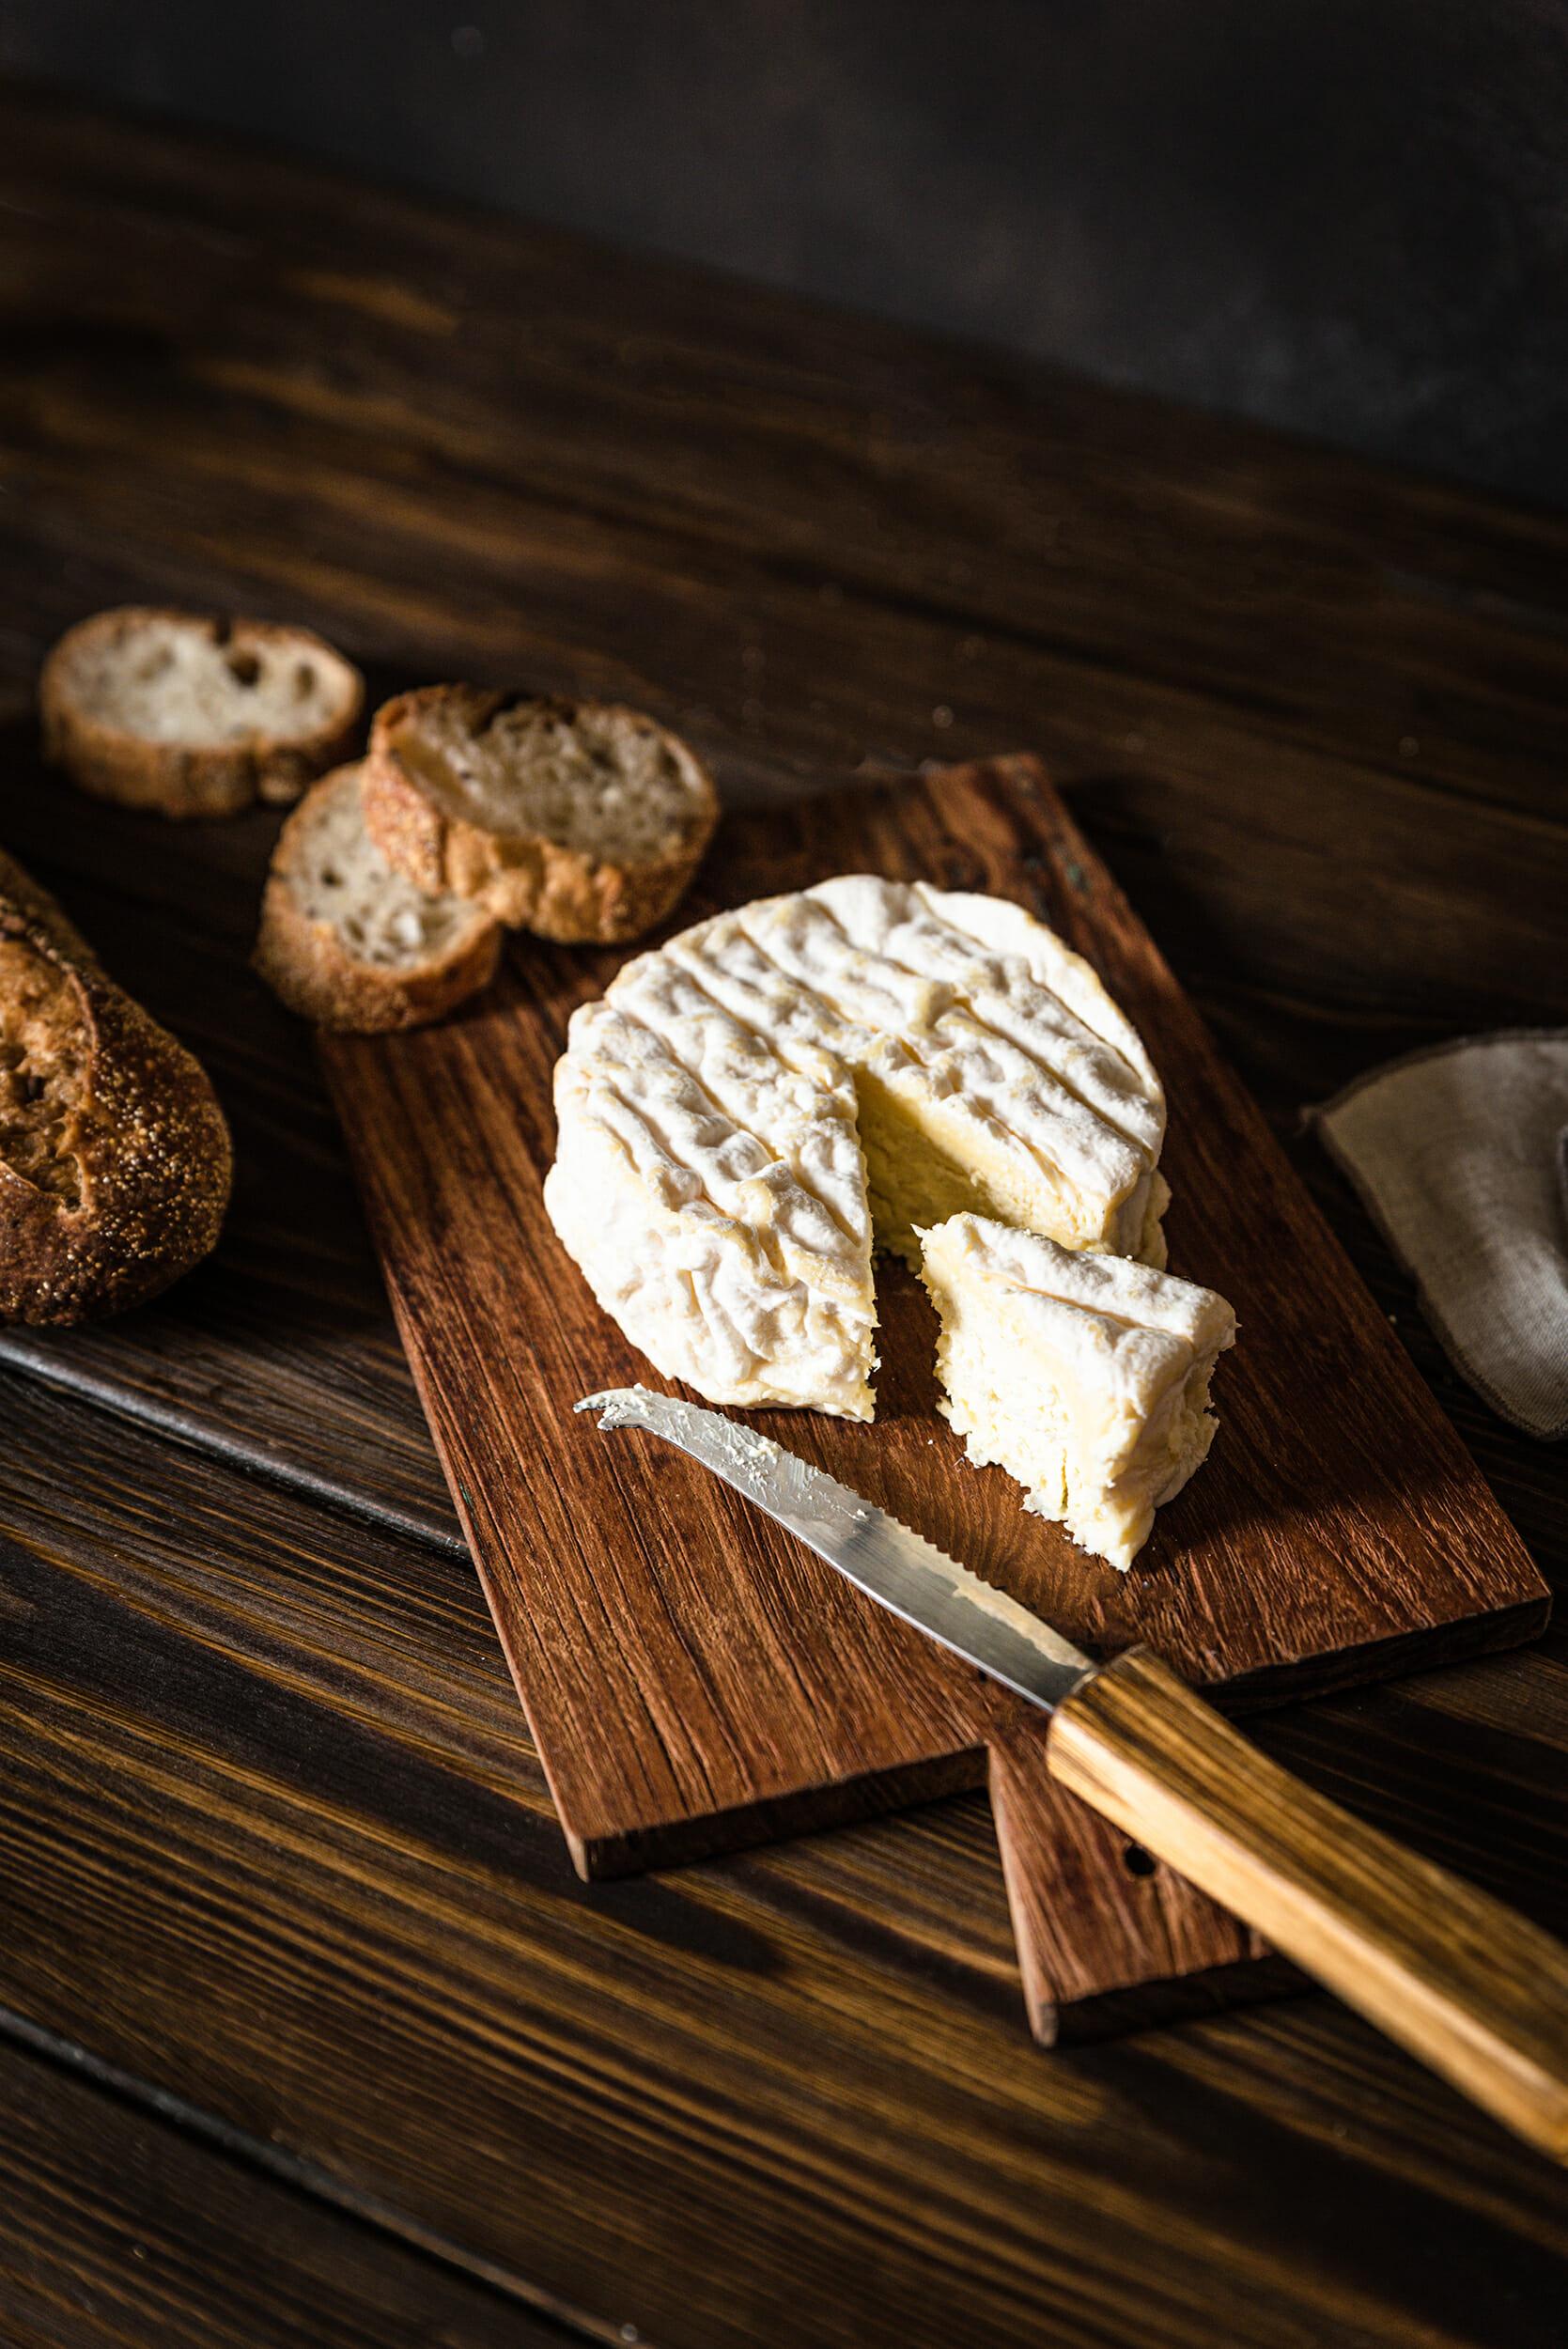 La Fleur du Gouët croûte fleurie fromages fermiers au lait cru BIO - Les Prairies de la Noé (22)